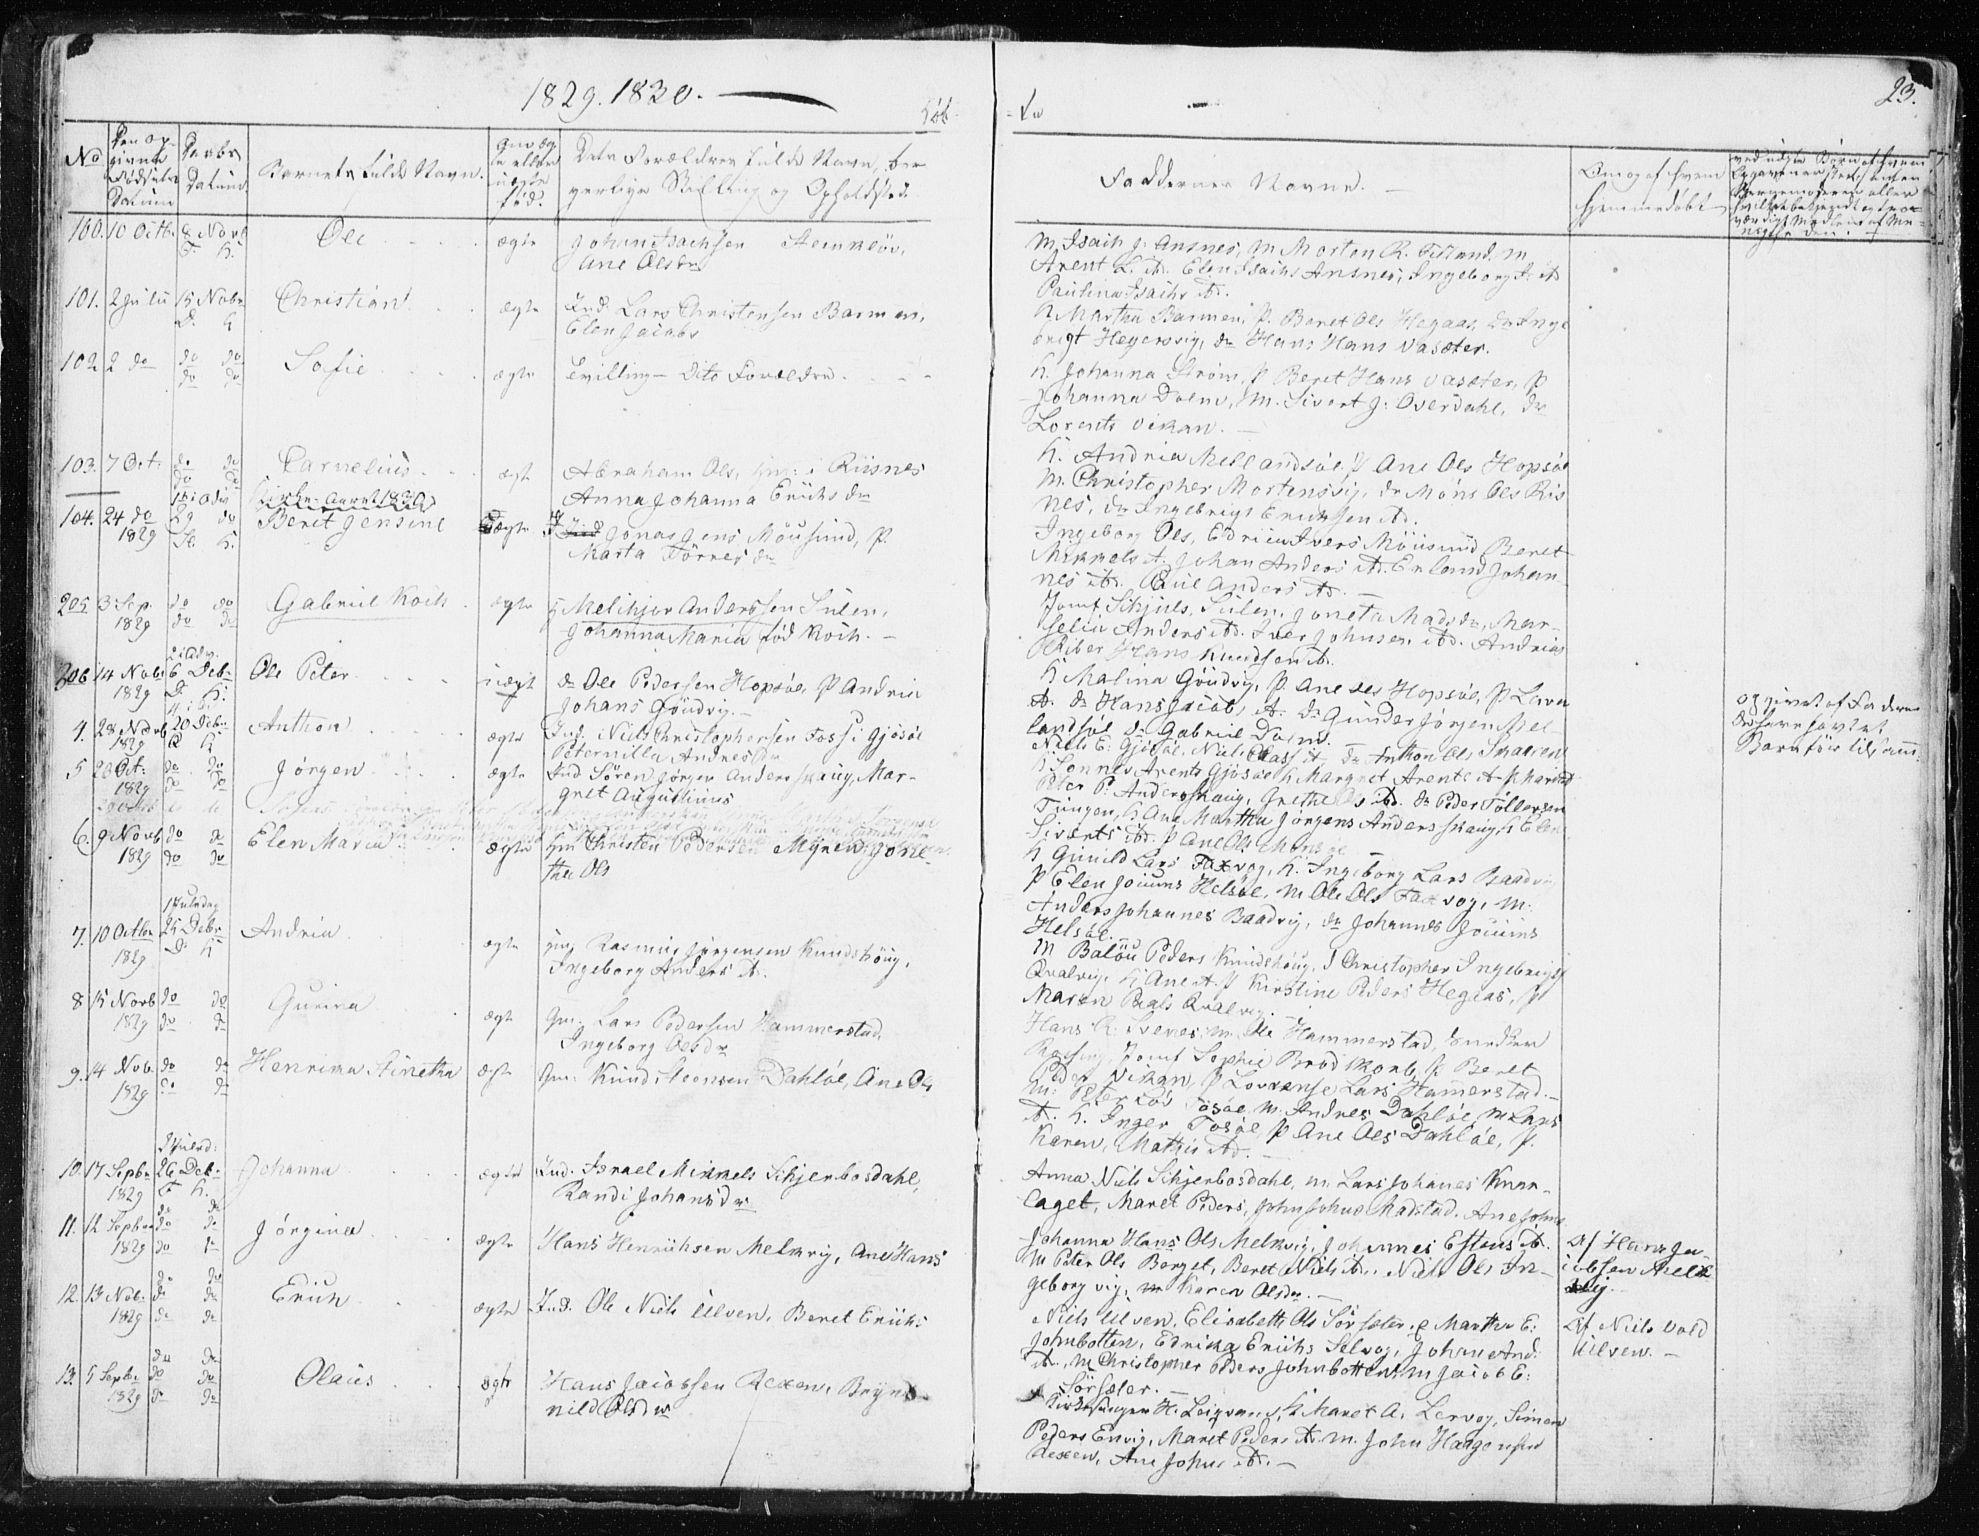 SAT, Ministerialprotokoller, klokkerbøker og fødselsregistre - Sør-Trøndelag, 634/L0528: Ministerialbok nr. 634A04, 1827-1842, s. 23